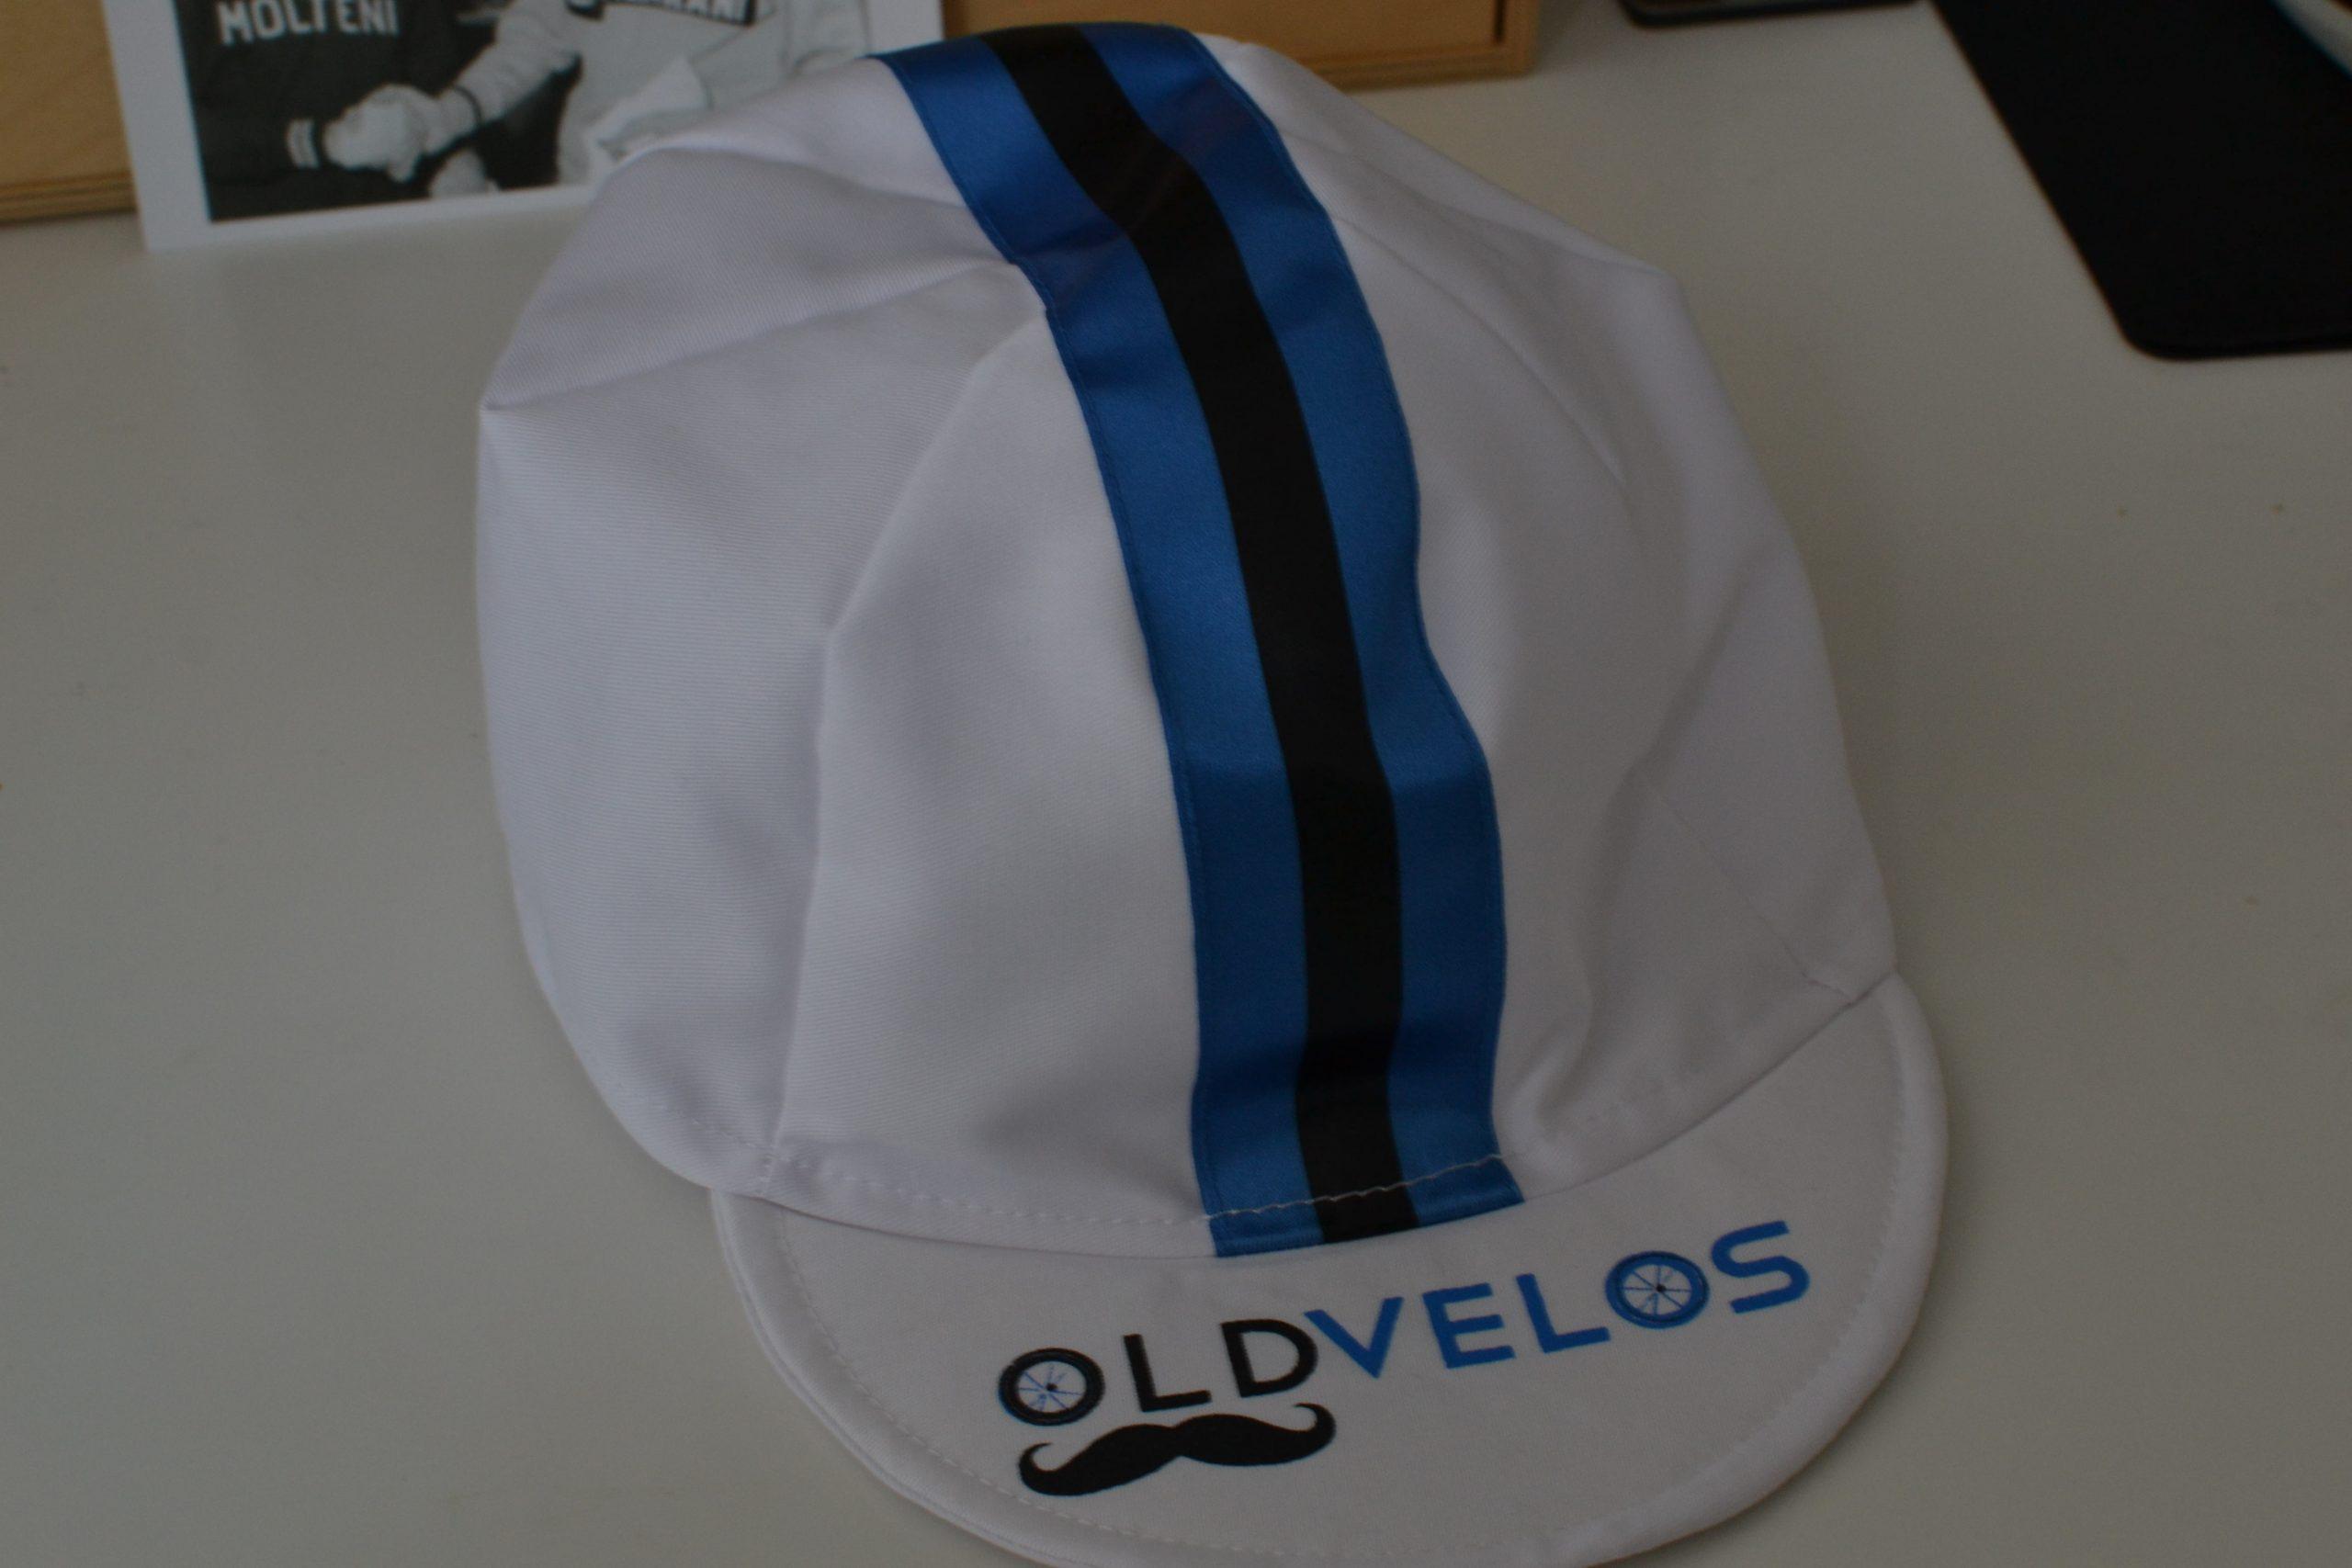 The OldVelos Cap